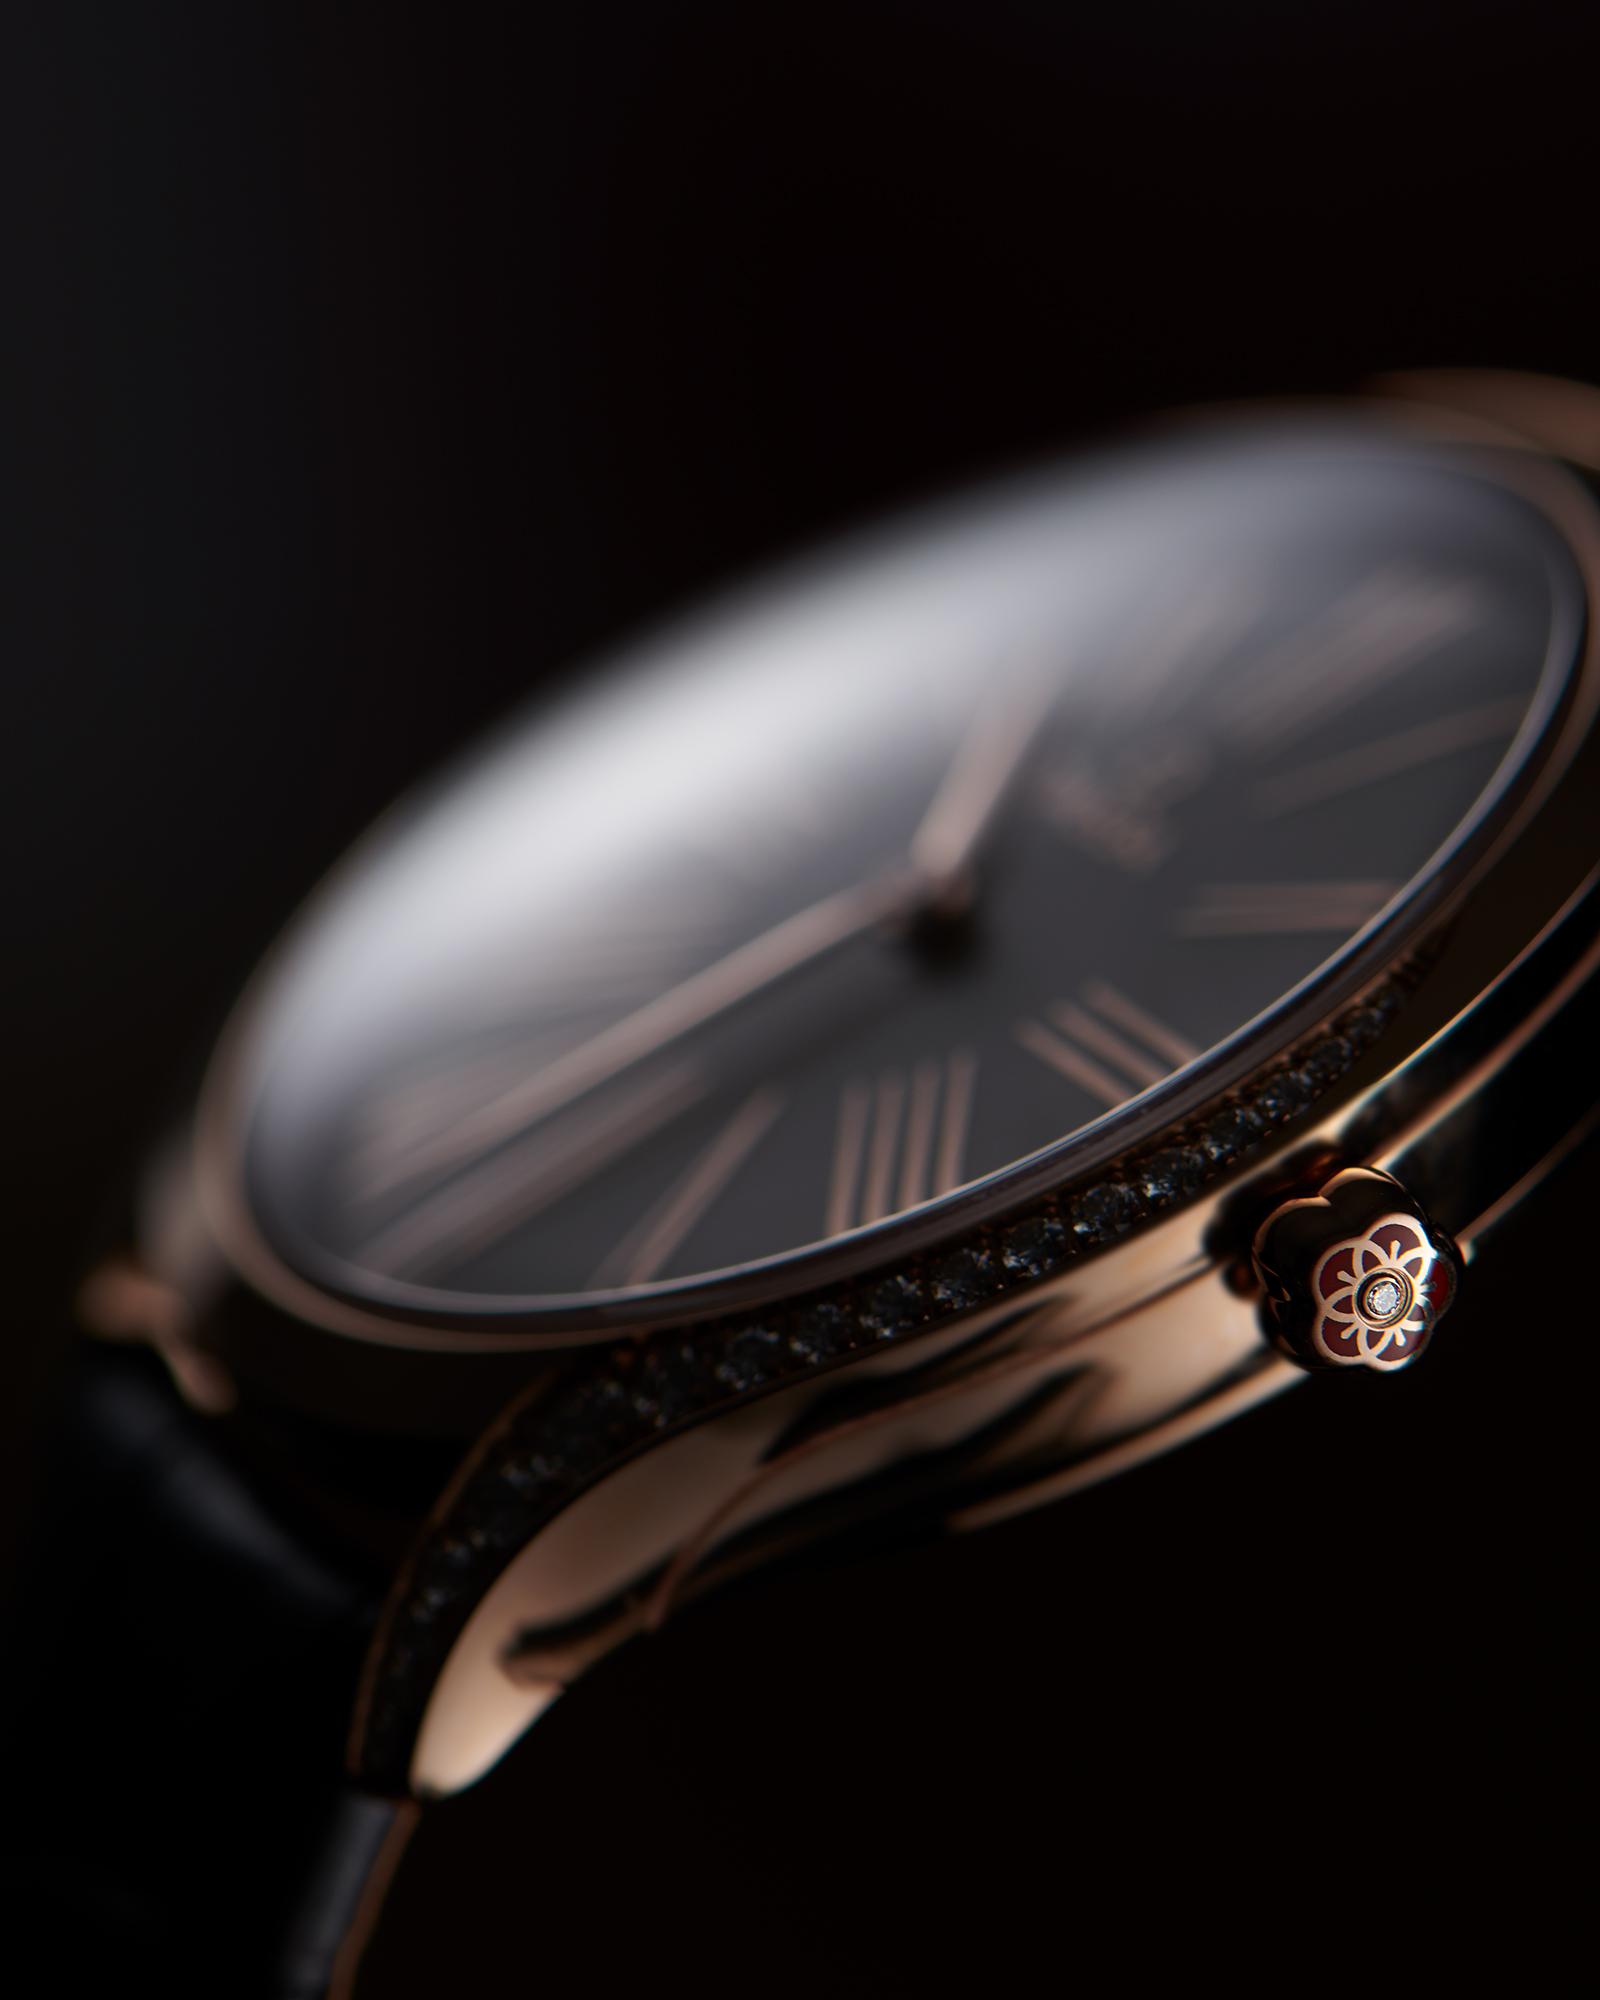 photographie de détails de la montre omega trésor